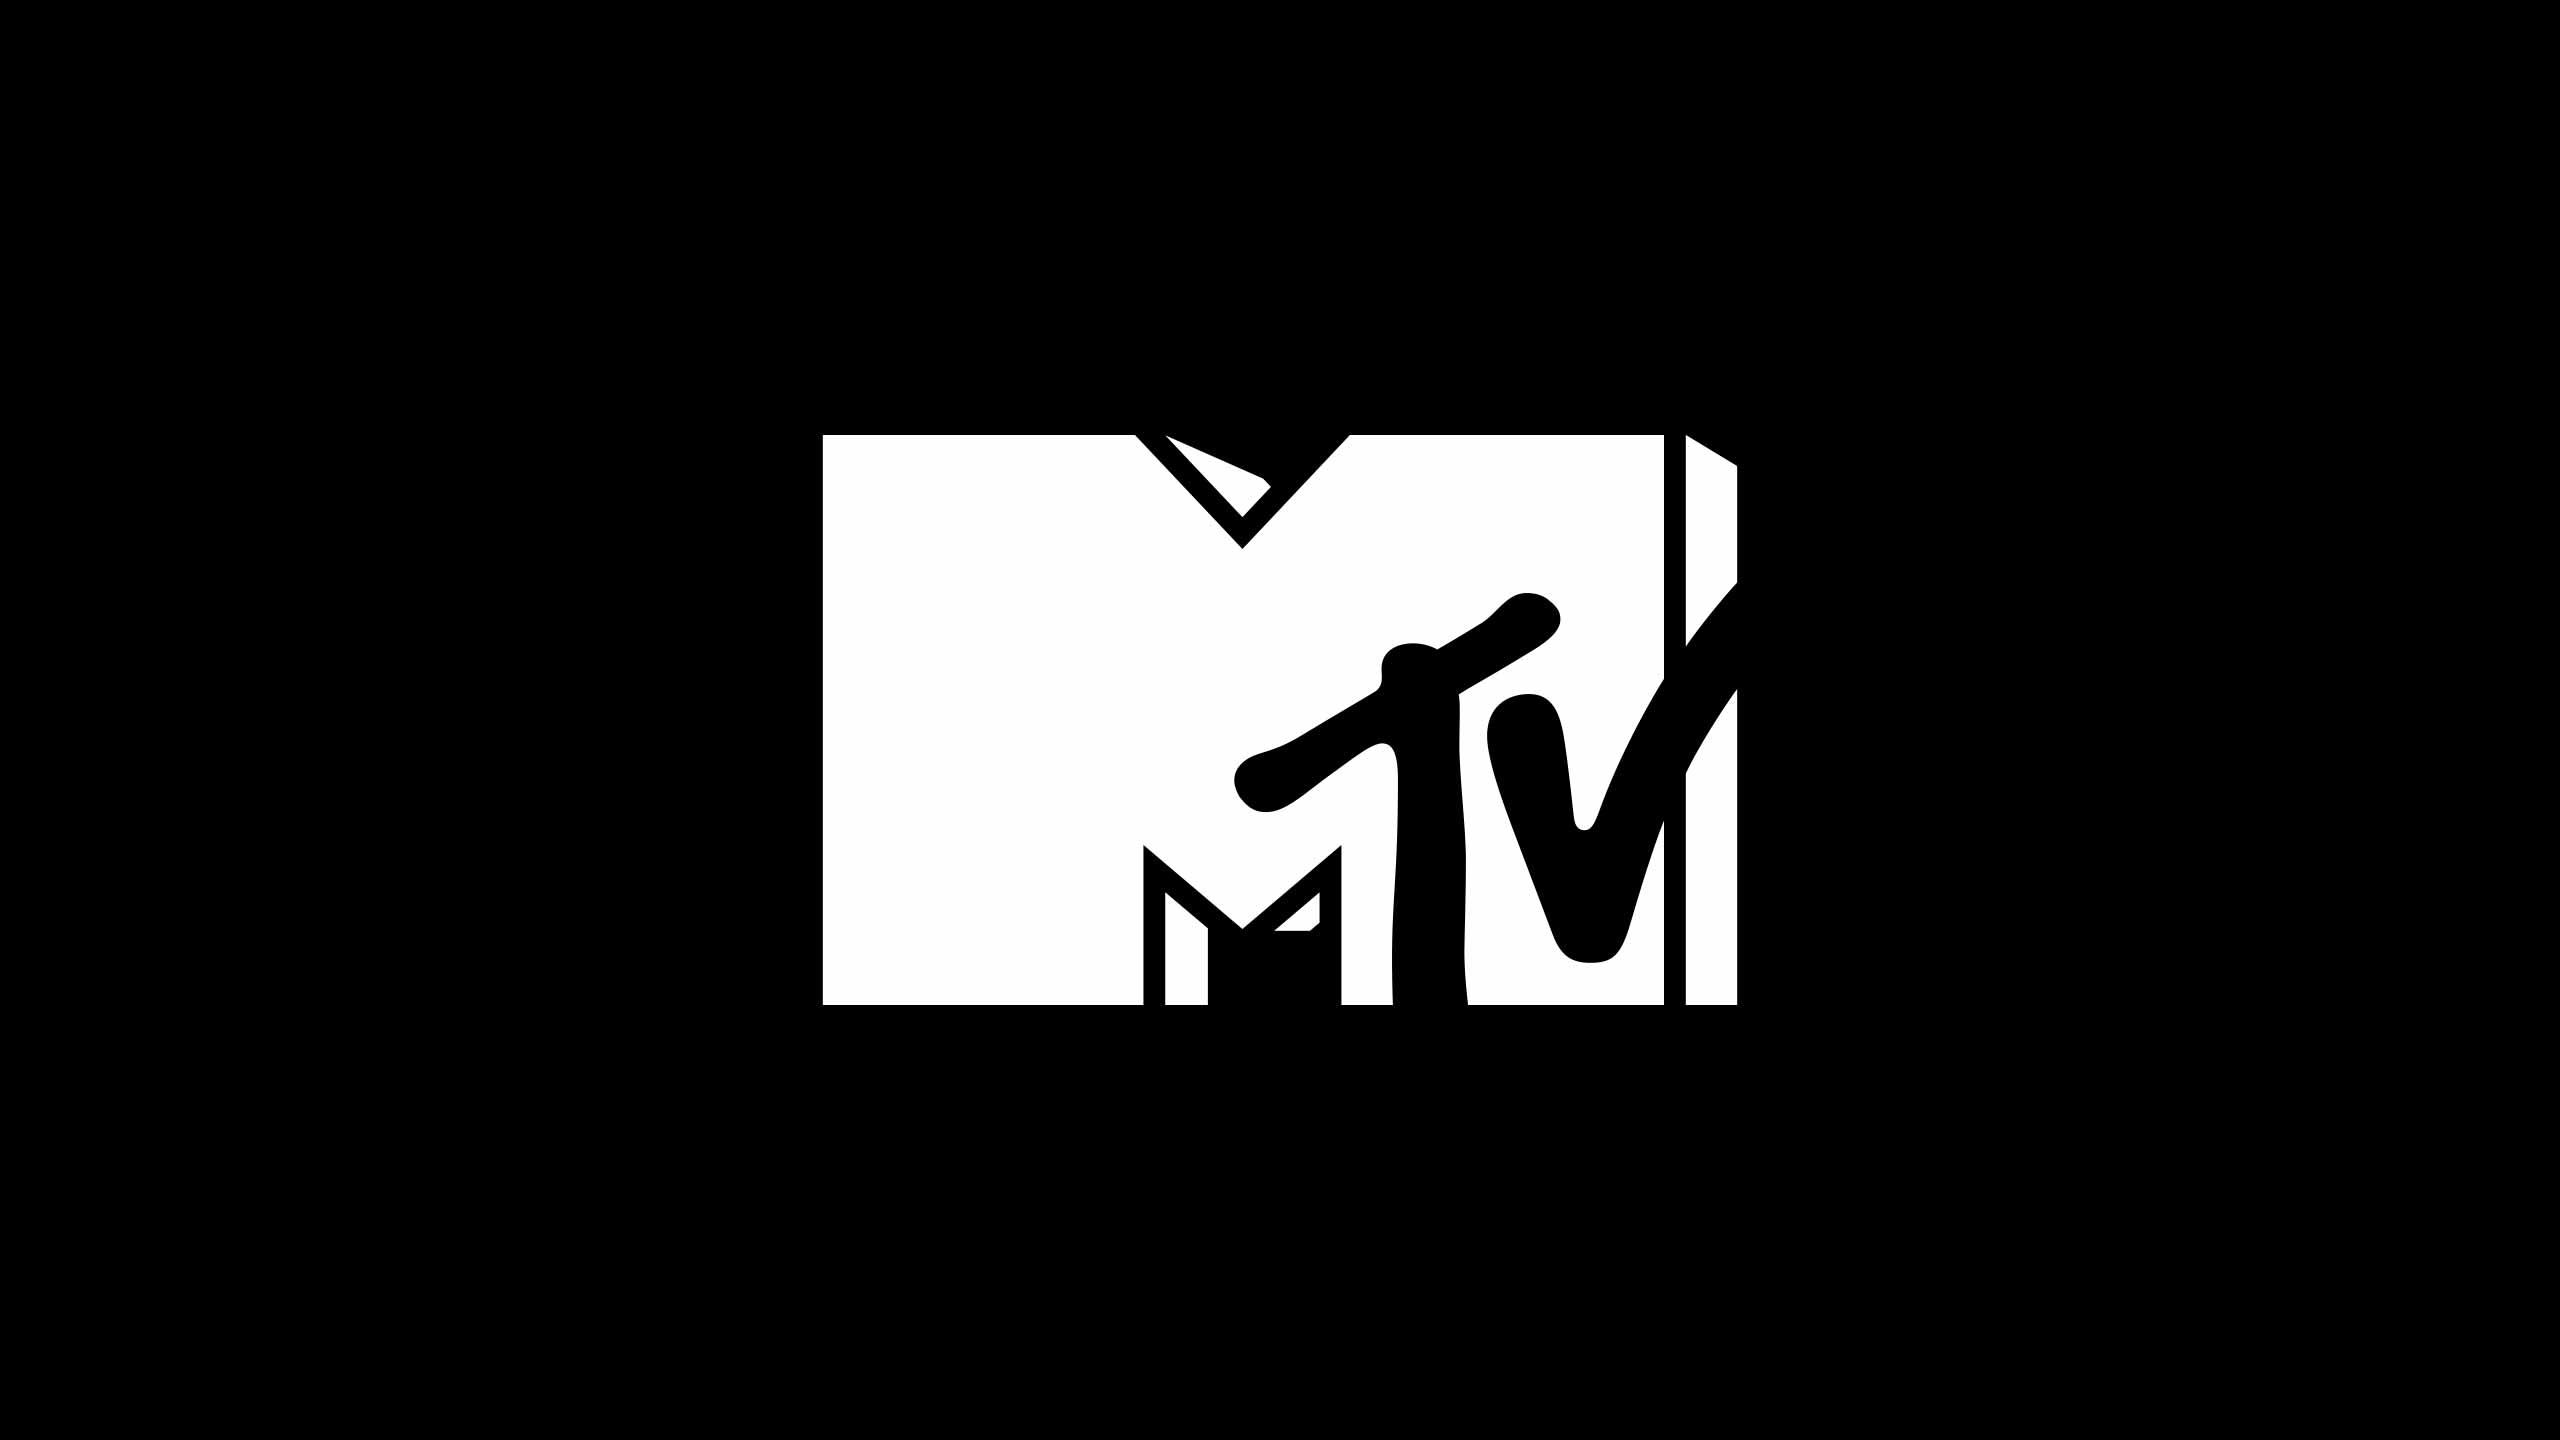 テイク・ザットのツアー、ロビー・ウィリアムスの入る余地なし? | MTV ...